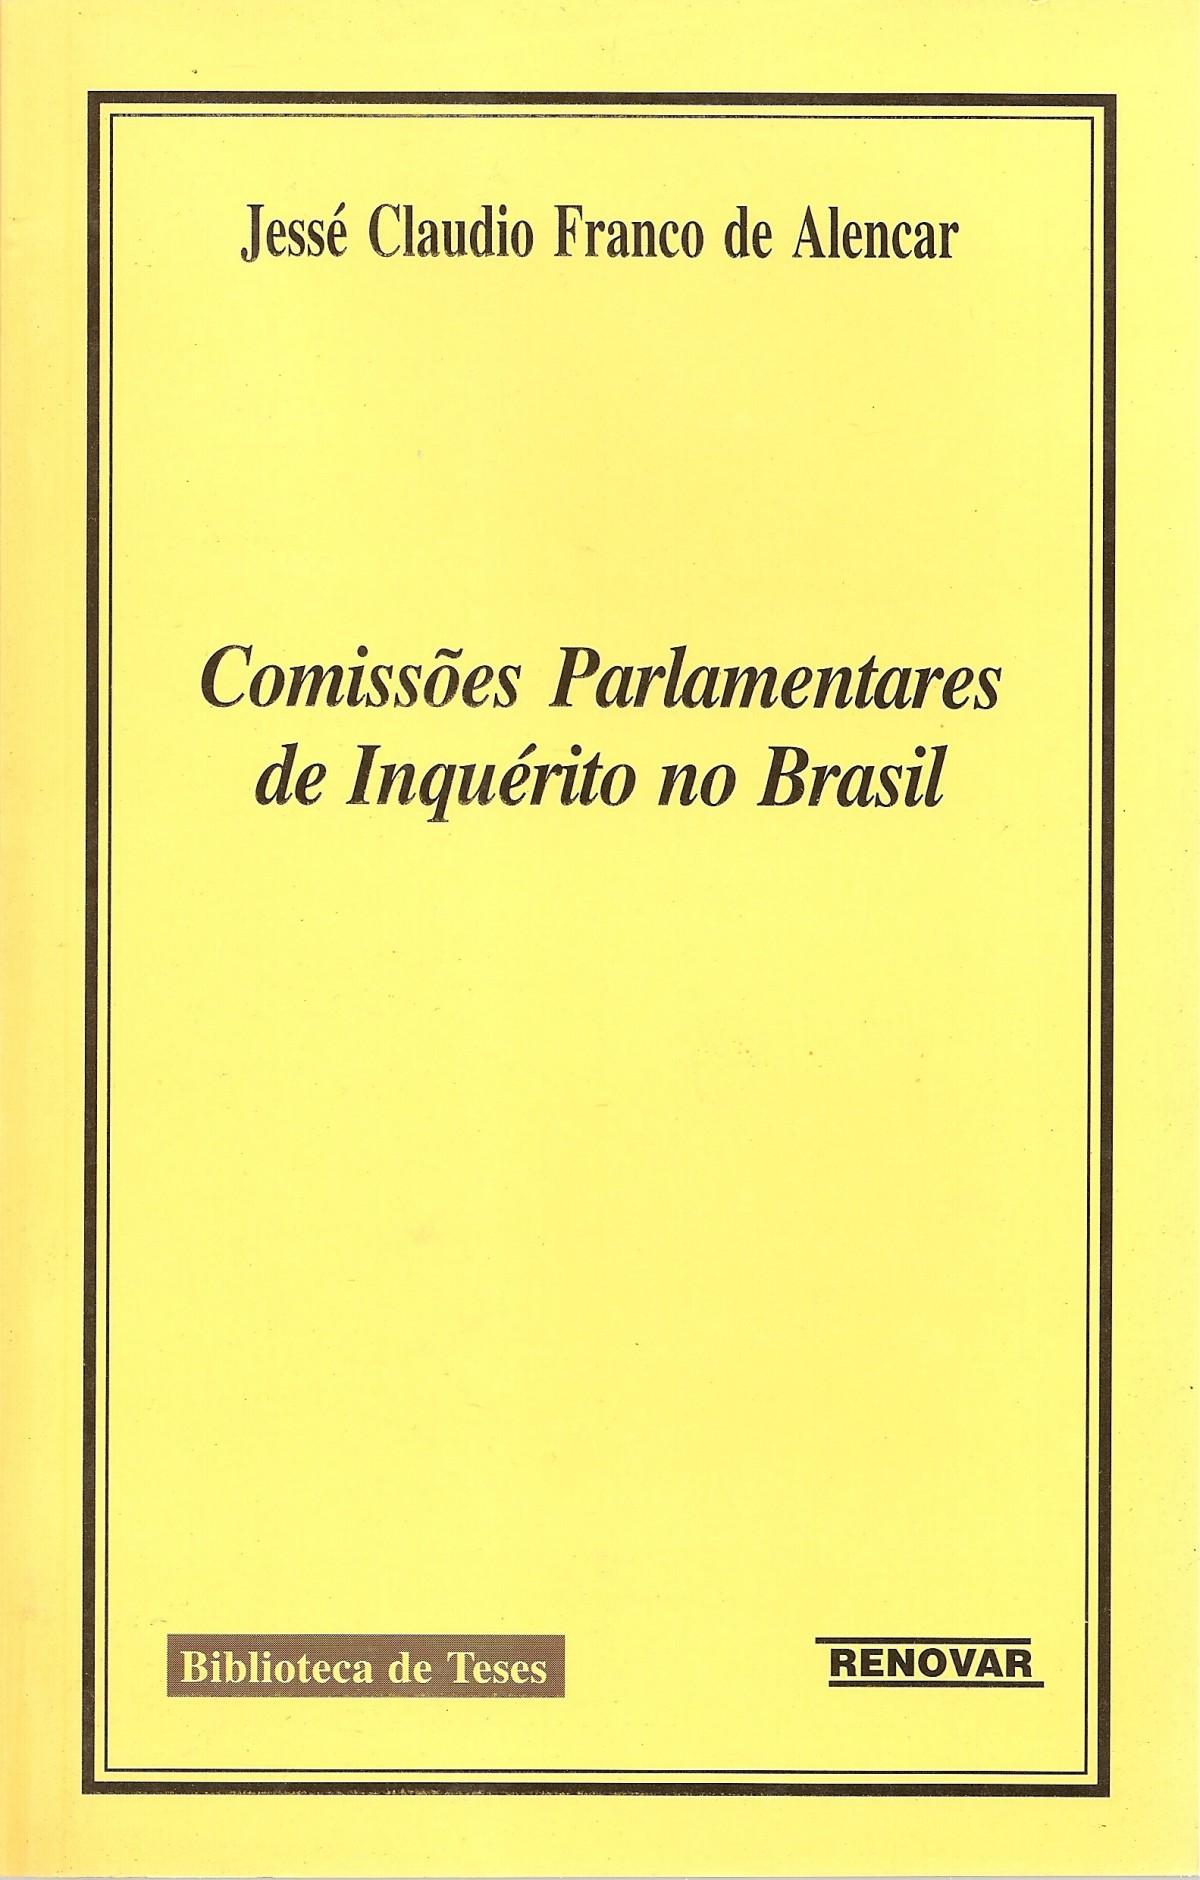 Foto 1 - Comissões Parlamentares de Inquérito no Brasil